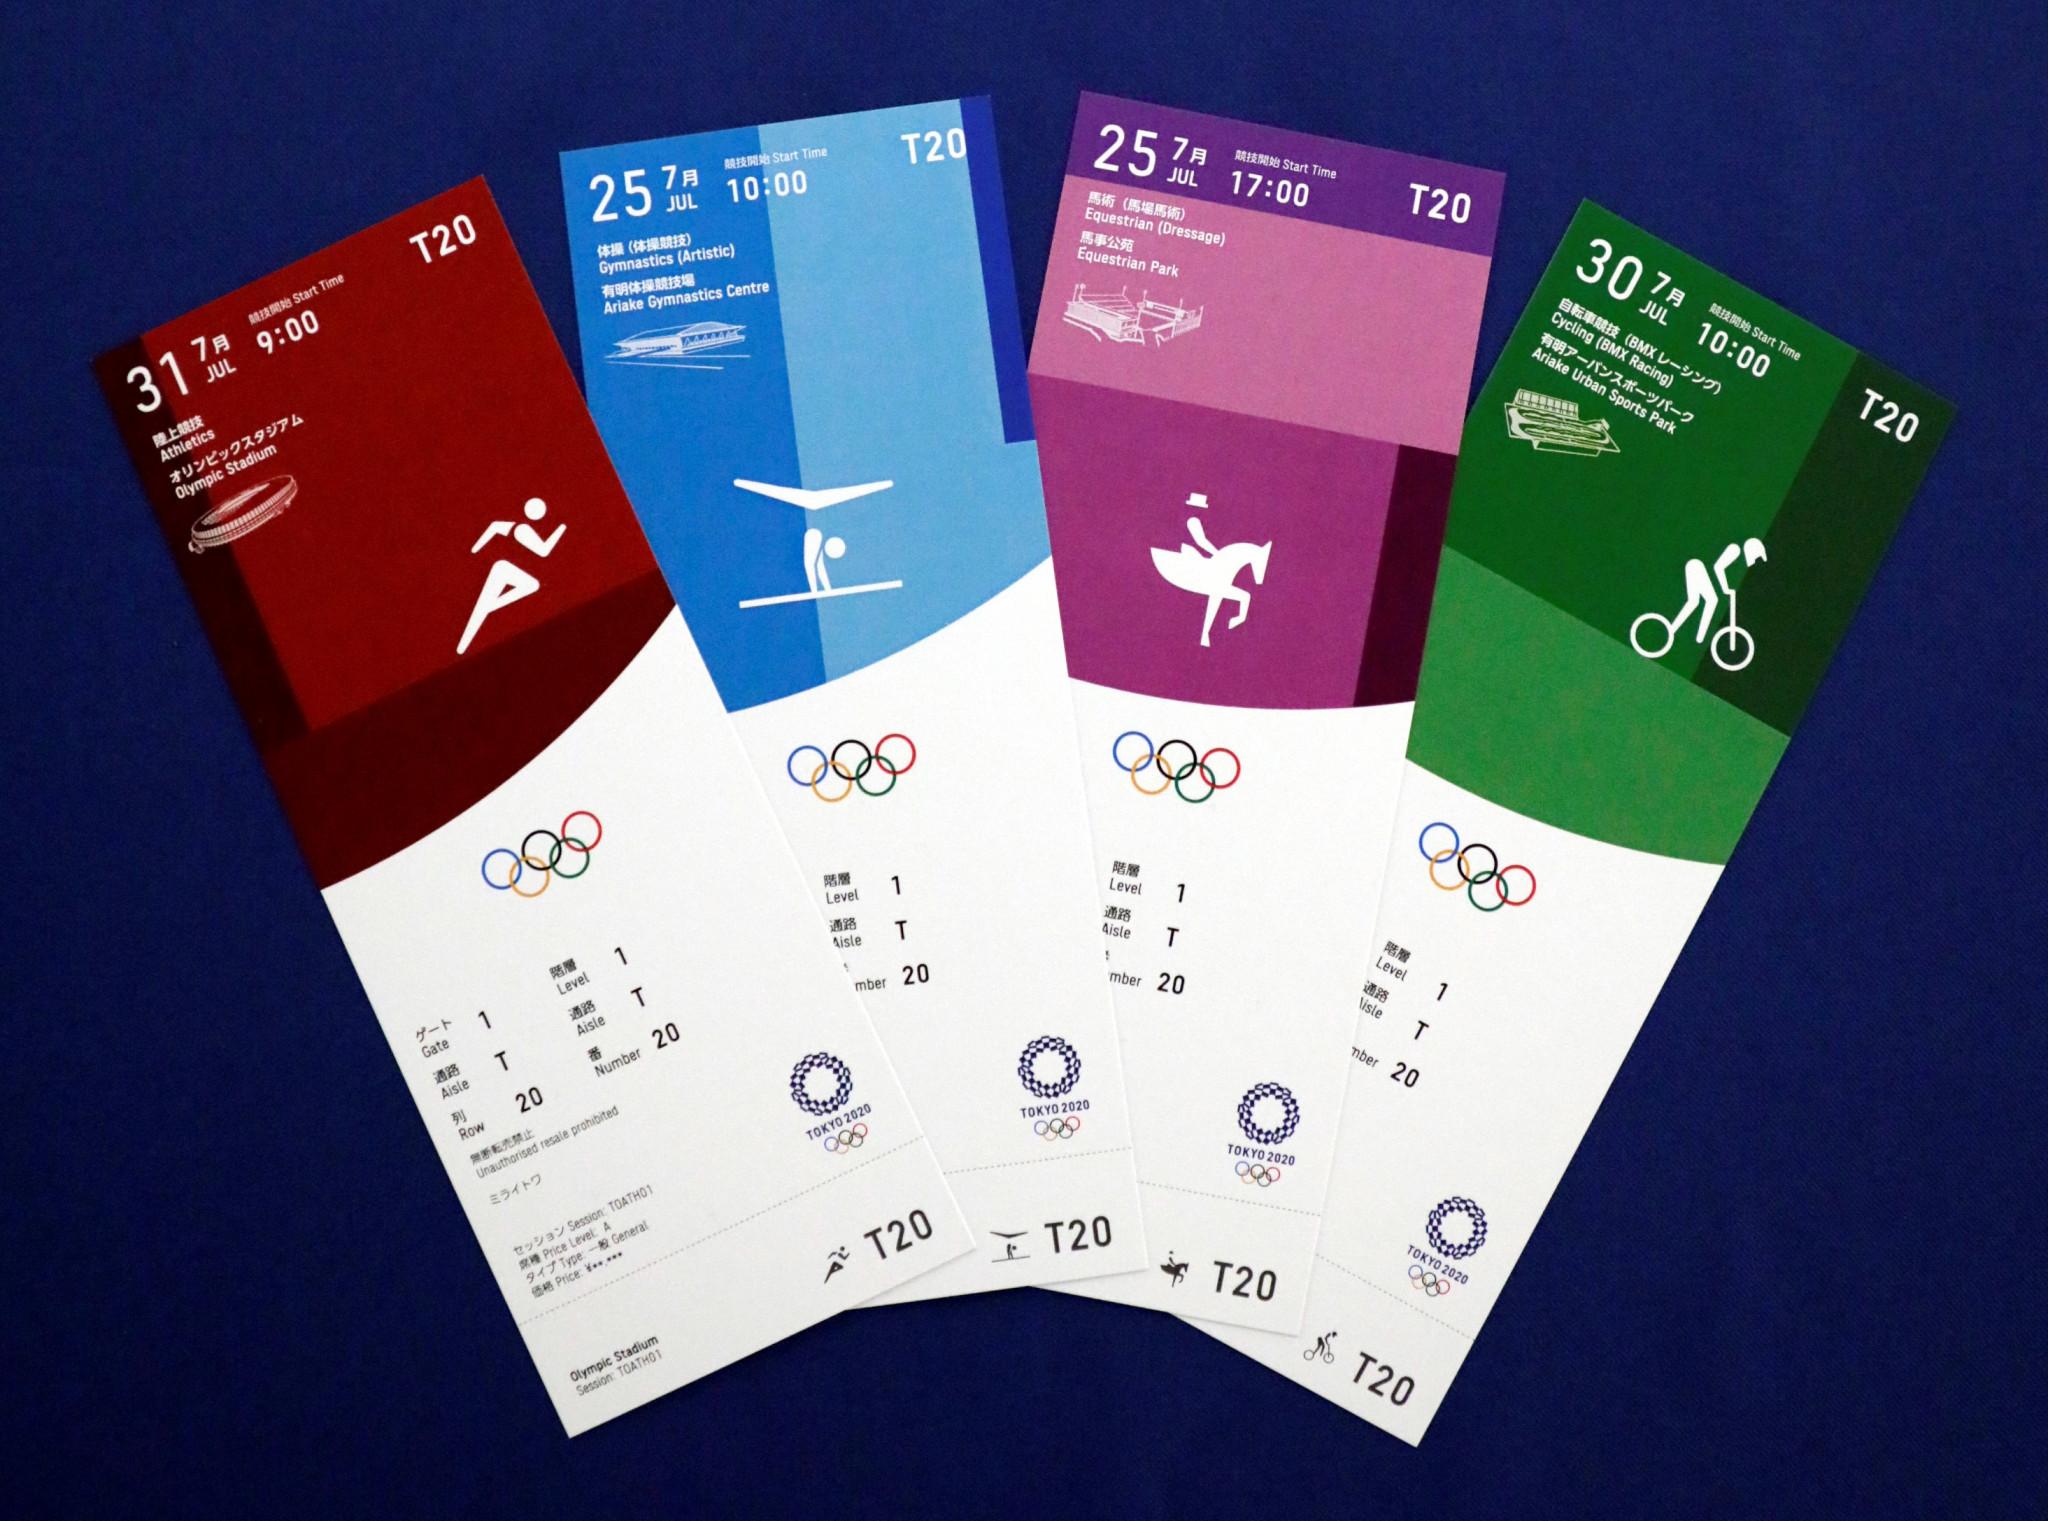 Tokyo 2020 have unveiled their ticket designs ©Tokyo 2020